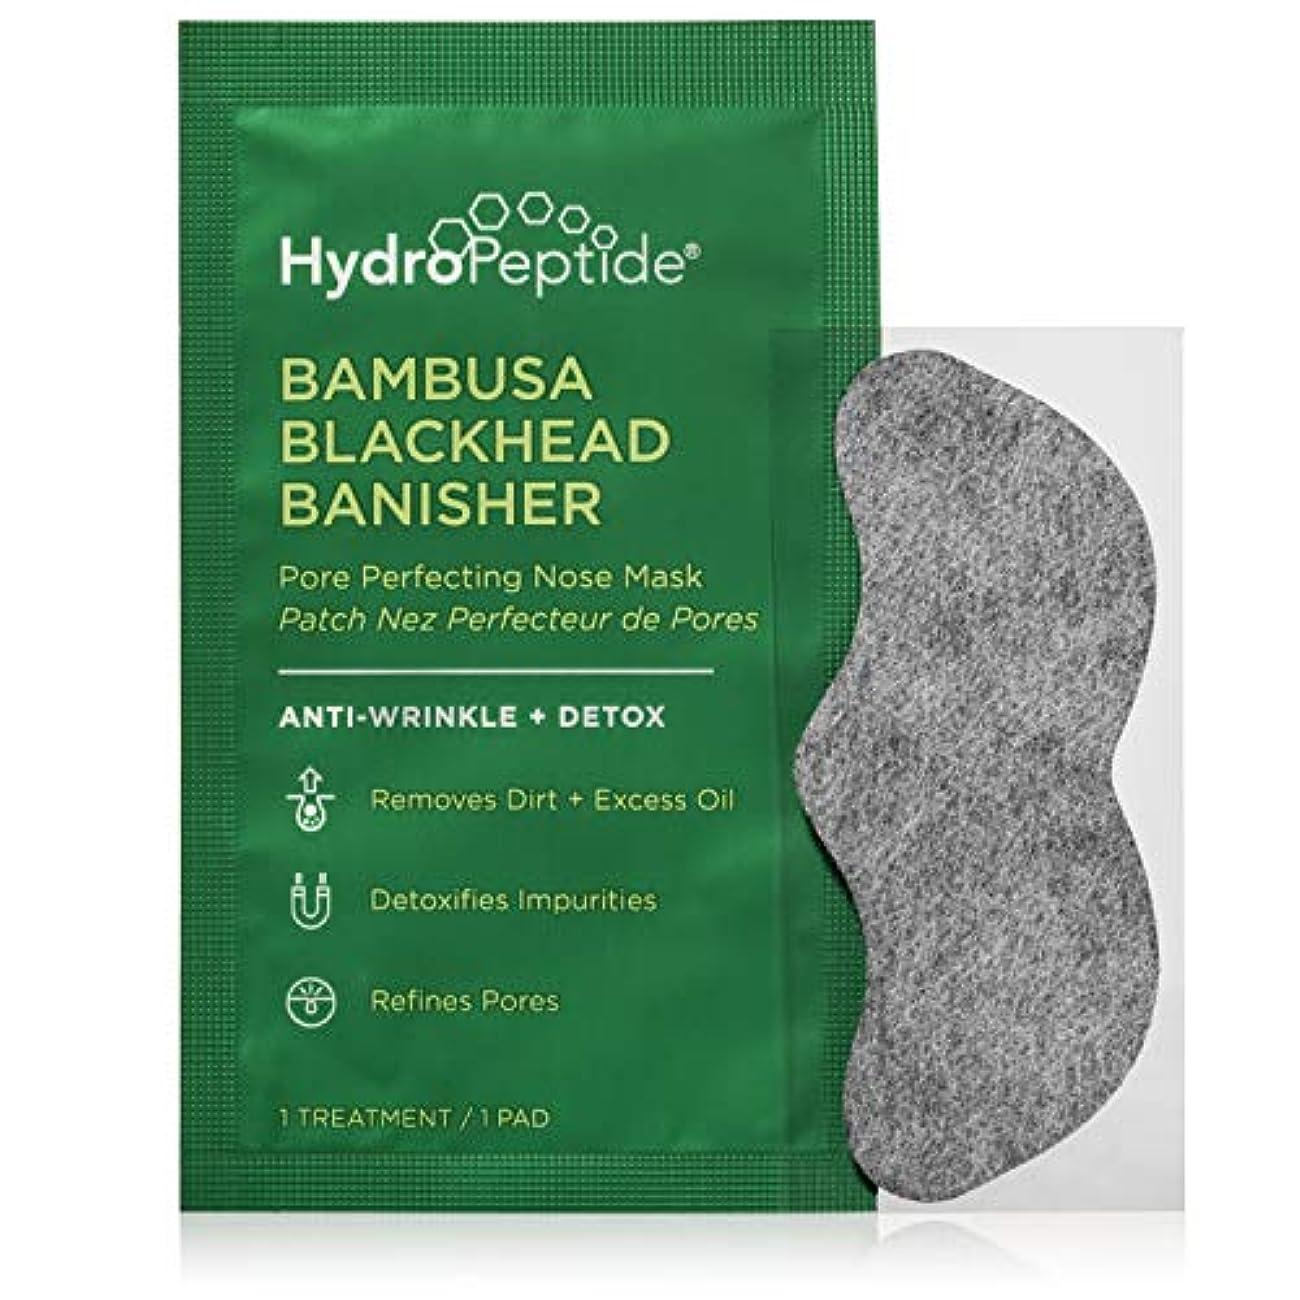 パノラマ回る地雷原ハイドロペプチド Bambusa Blackhead Banisher Pore Perfecting Nose Mask 8sheets並行輸入品